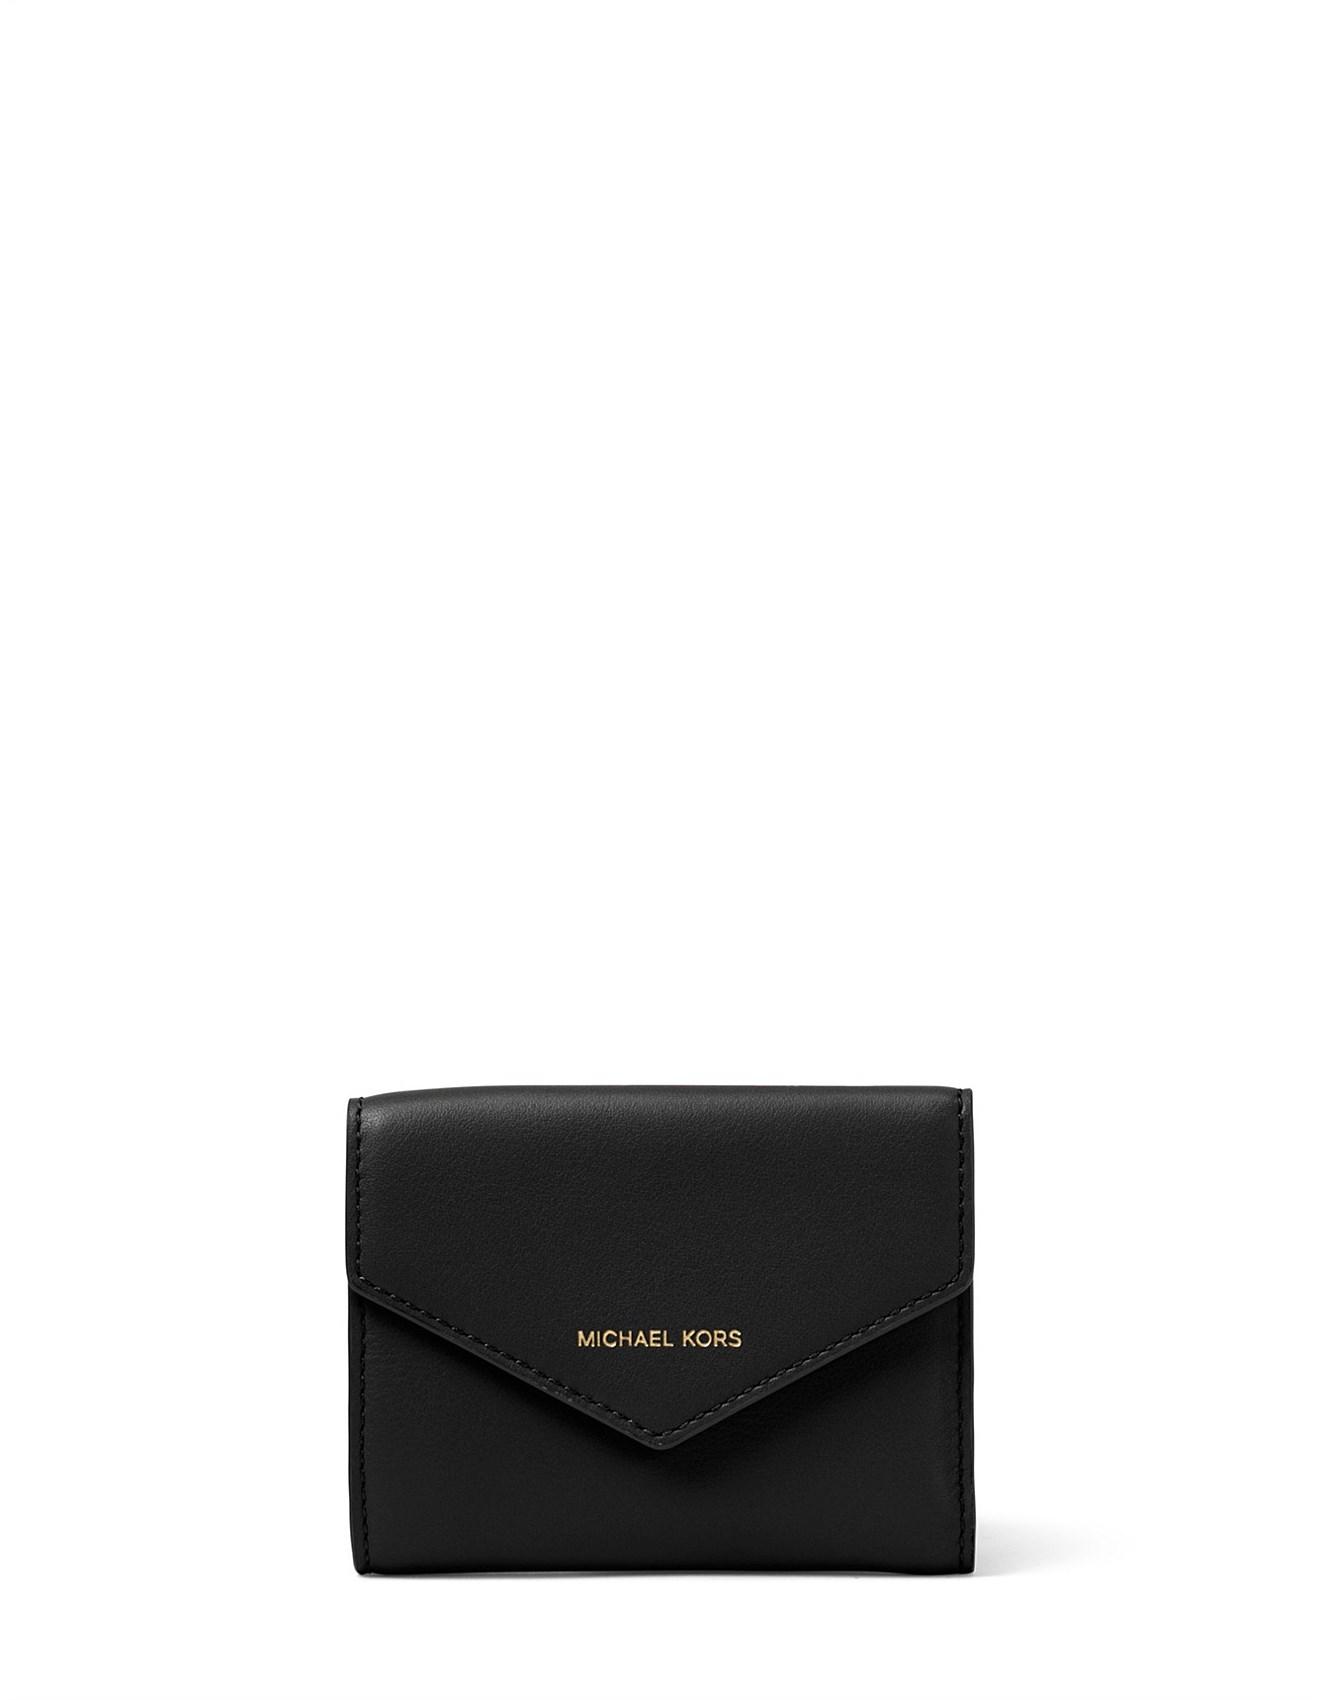 1c486fb46c7d Jet Set Small Leather Envelope Wallet